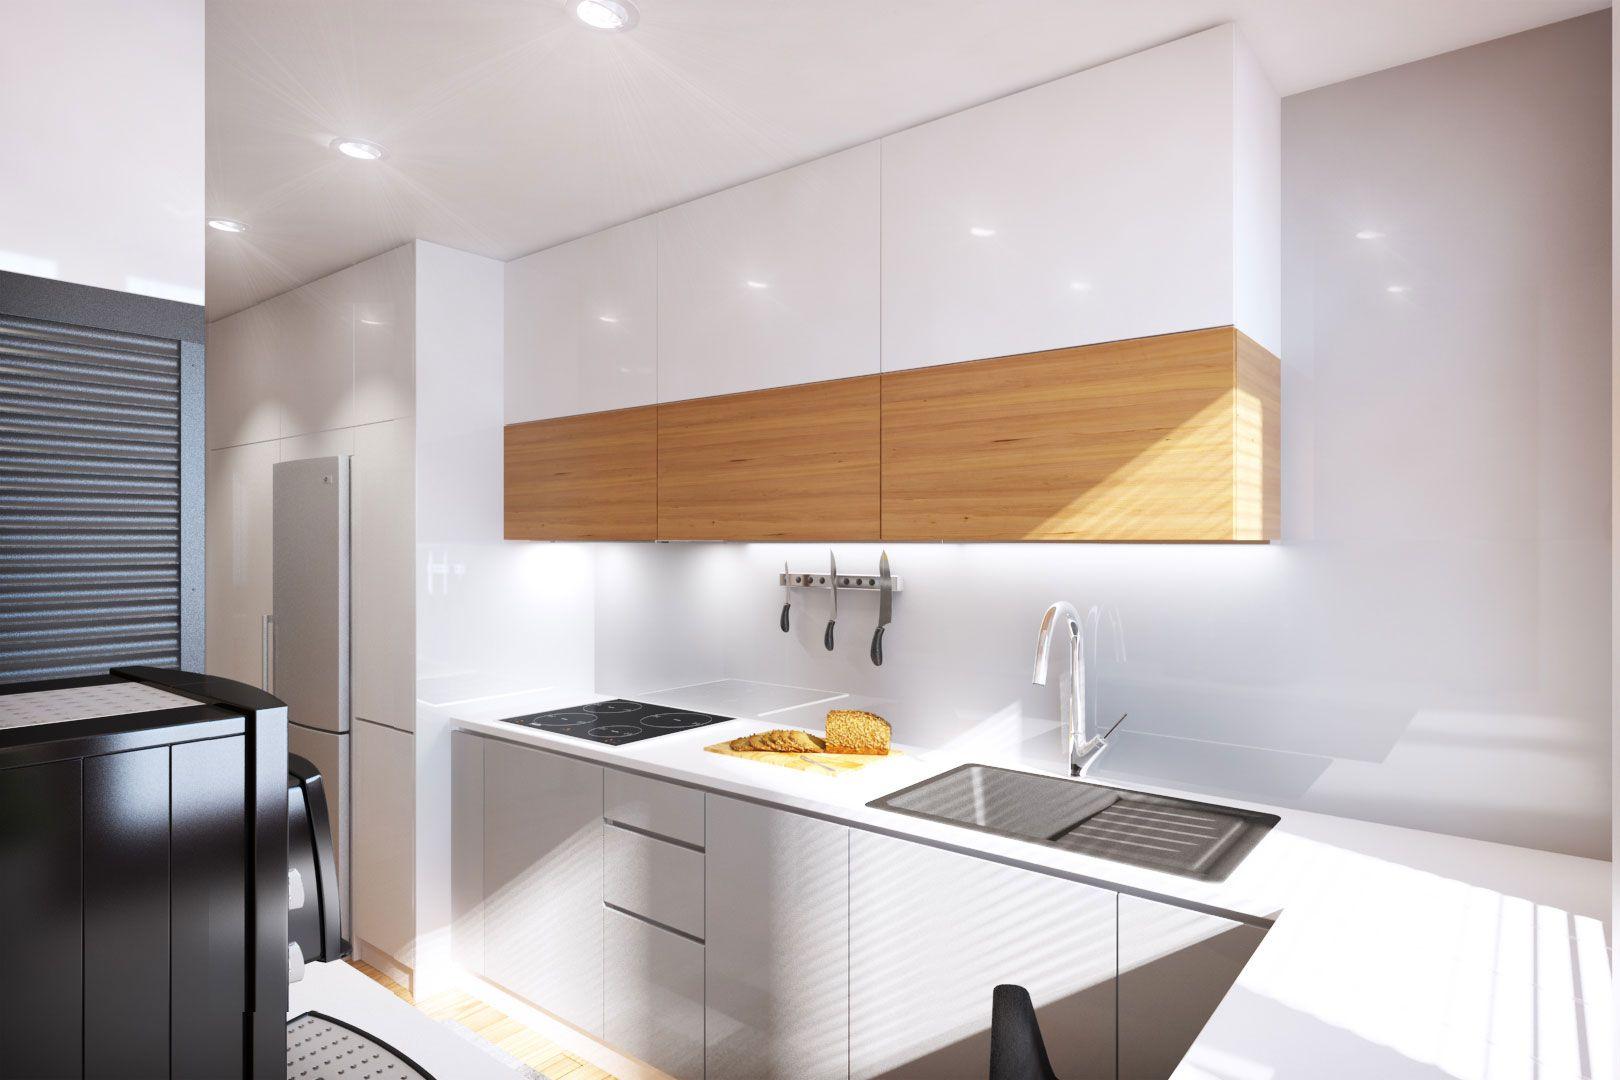 Cocinas 6 Metros Cuadrados Gallery Of Sencilla Pero Prctica With  # Muebles Cuadrados